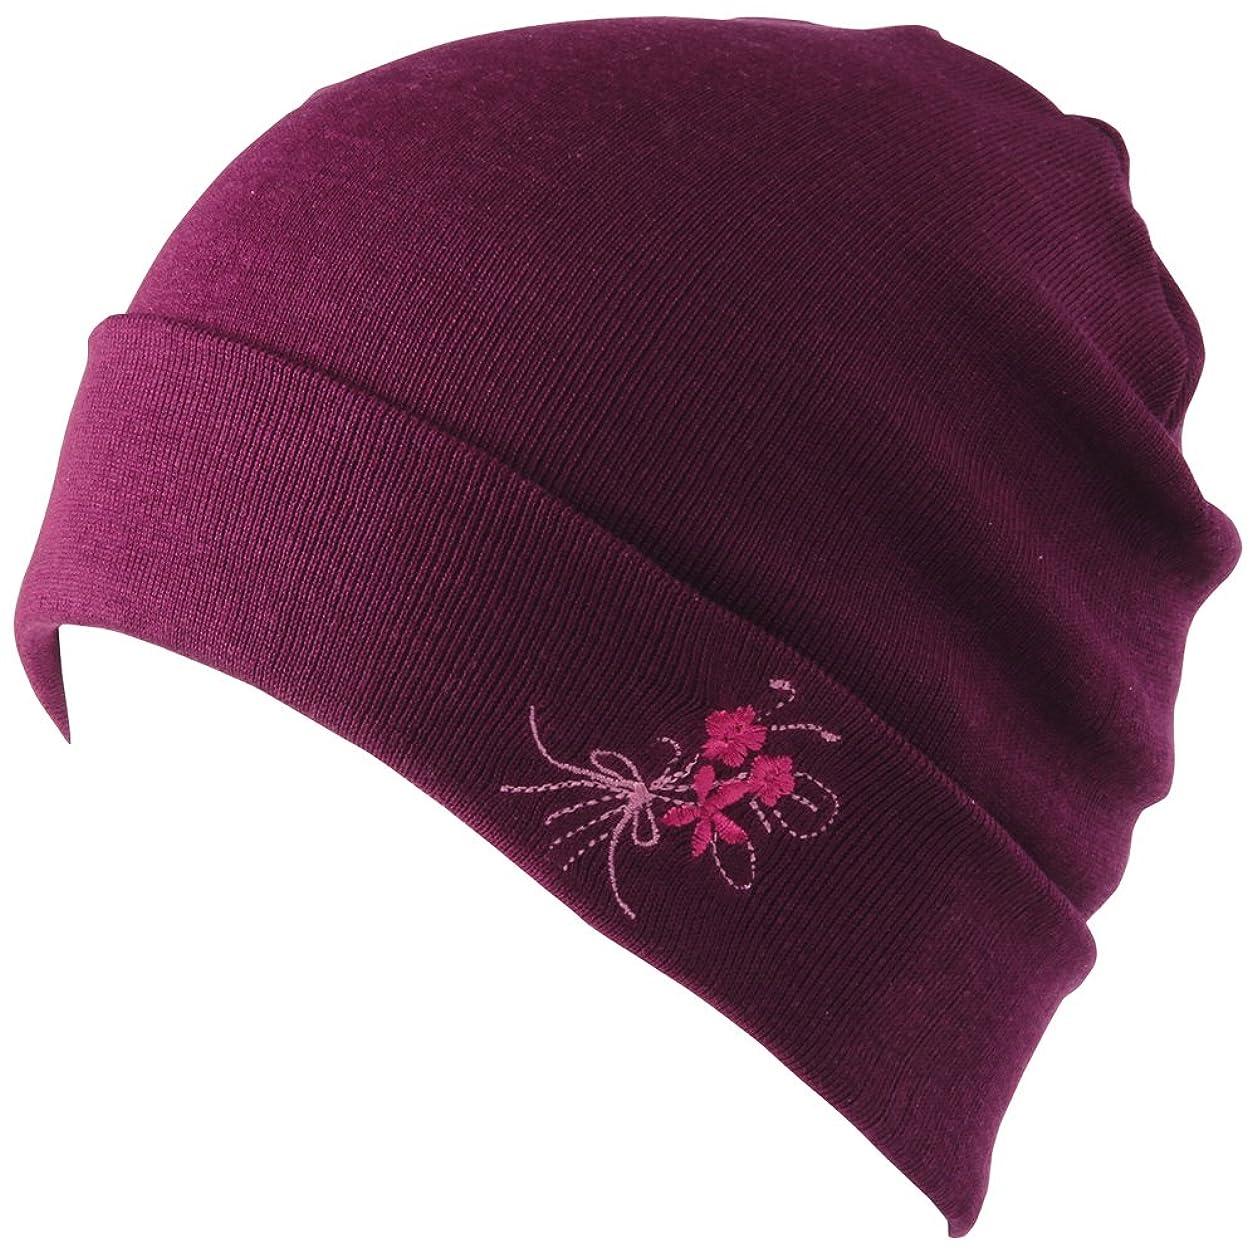 楽しいに関して理論的なめらかシルクのニット帽 パープル